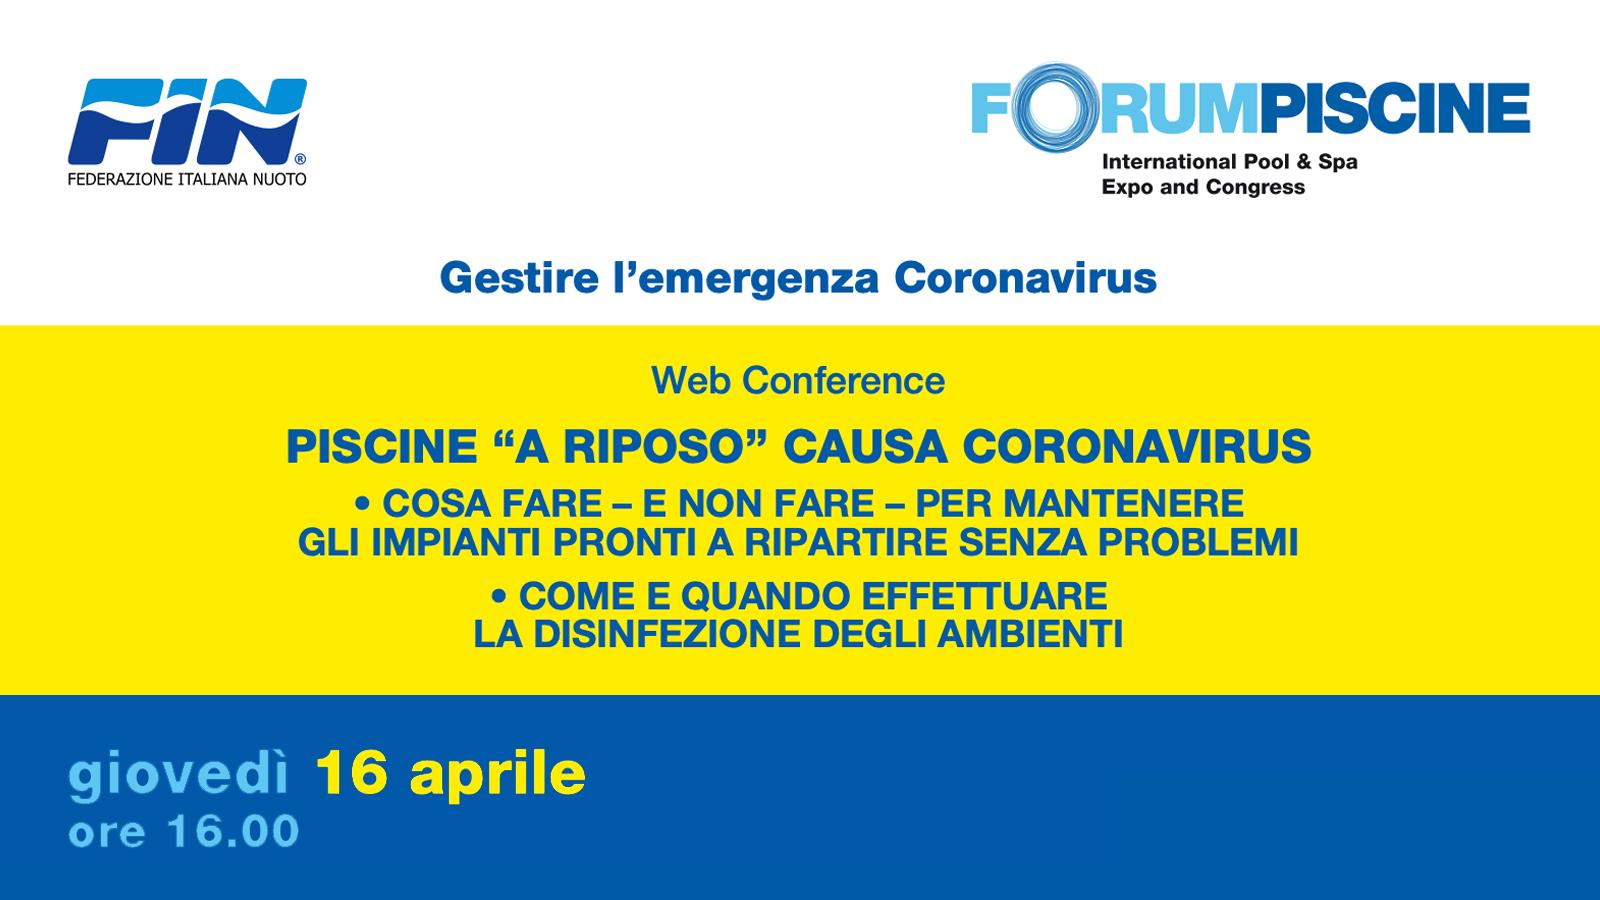 Piscine a riposo causa coronavirus – web conference di ForumPiscine